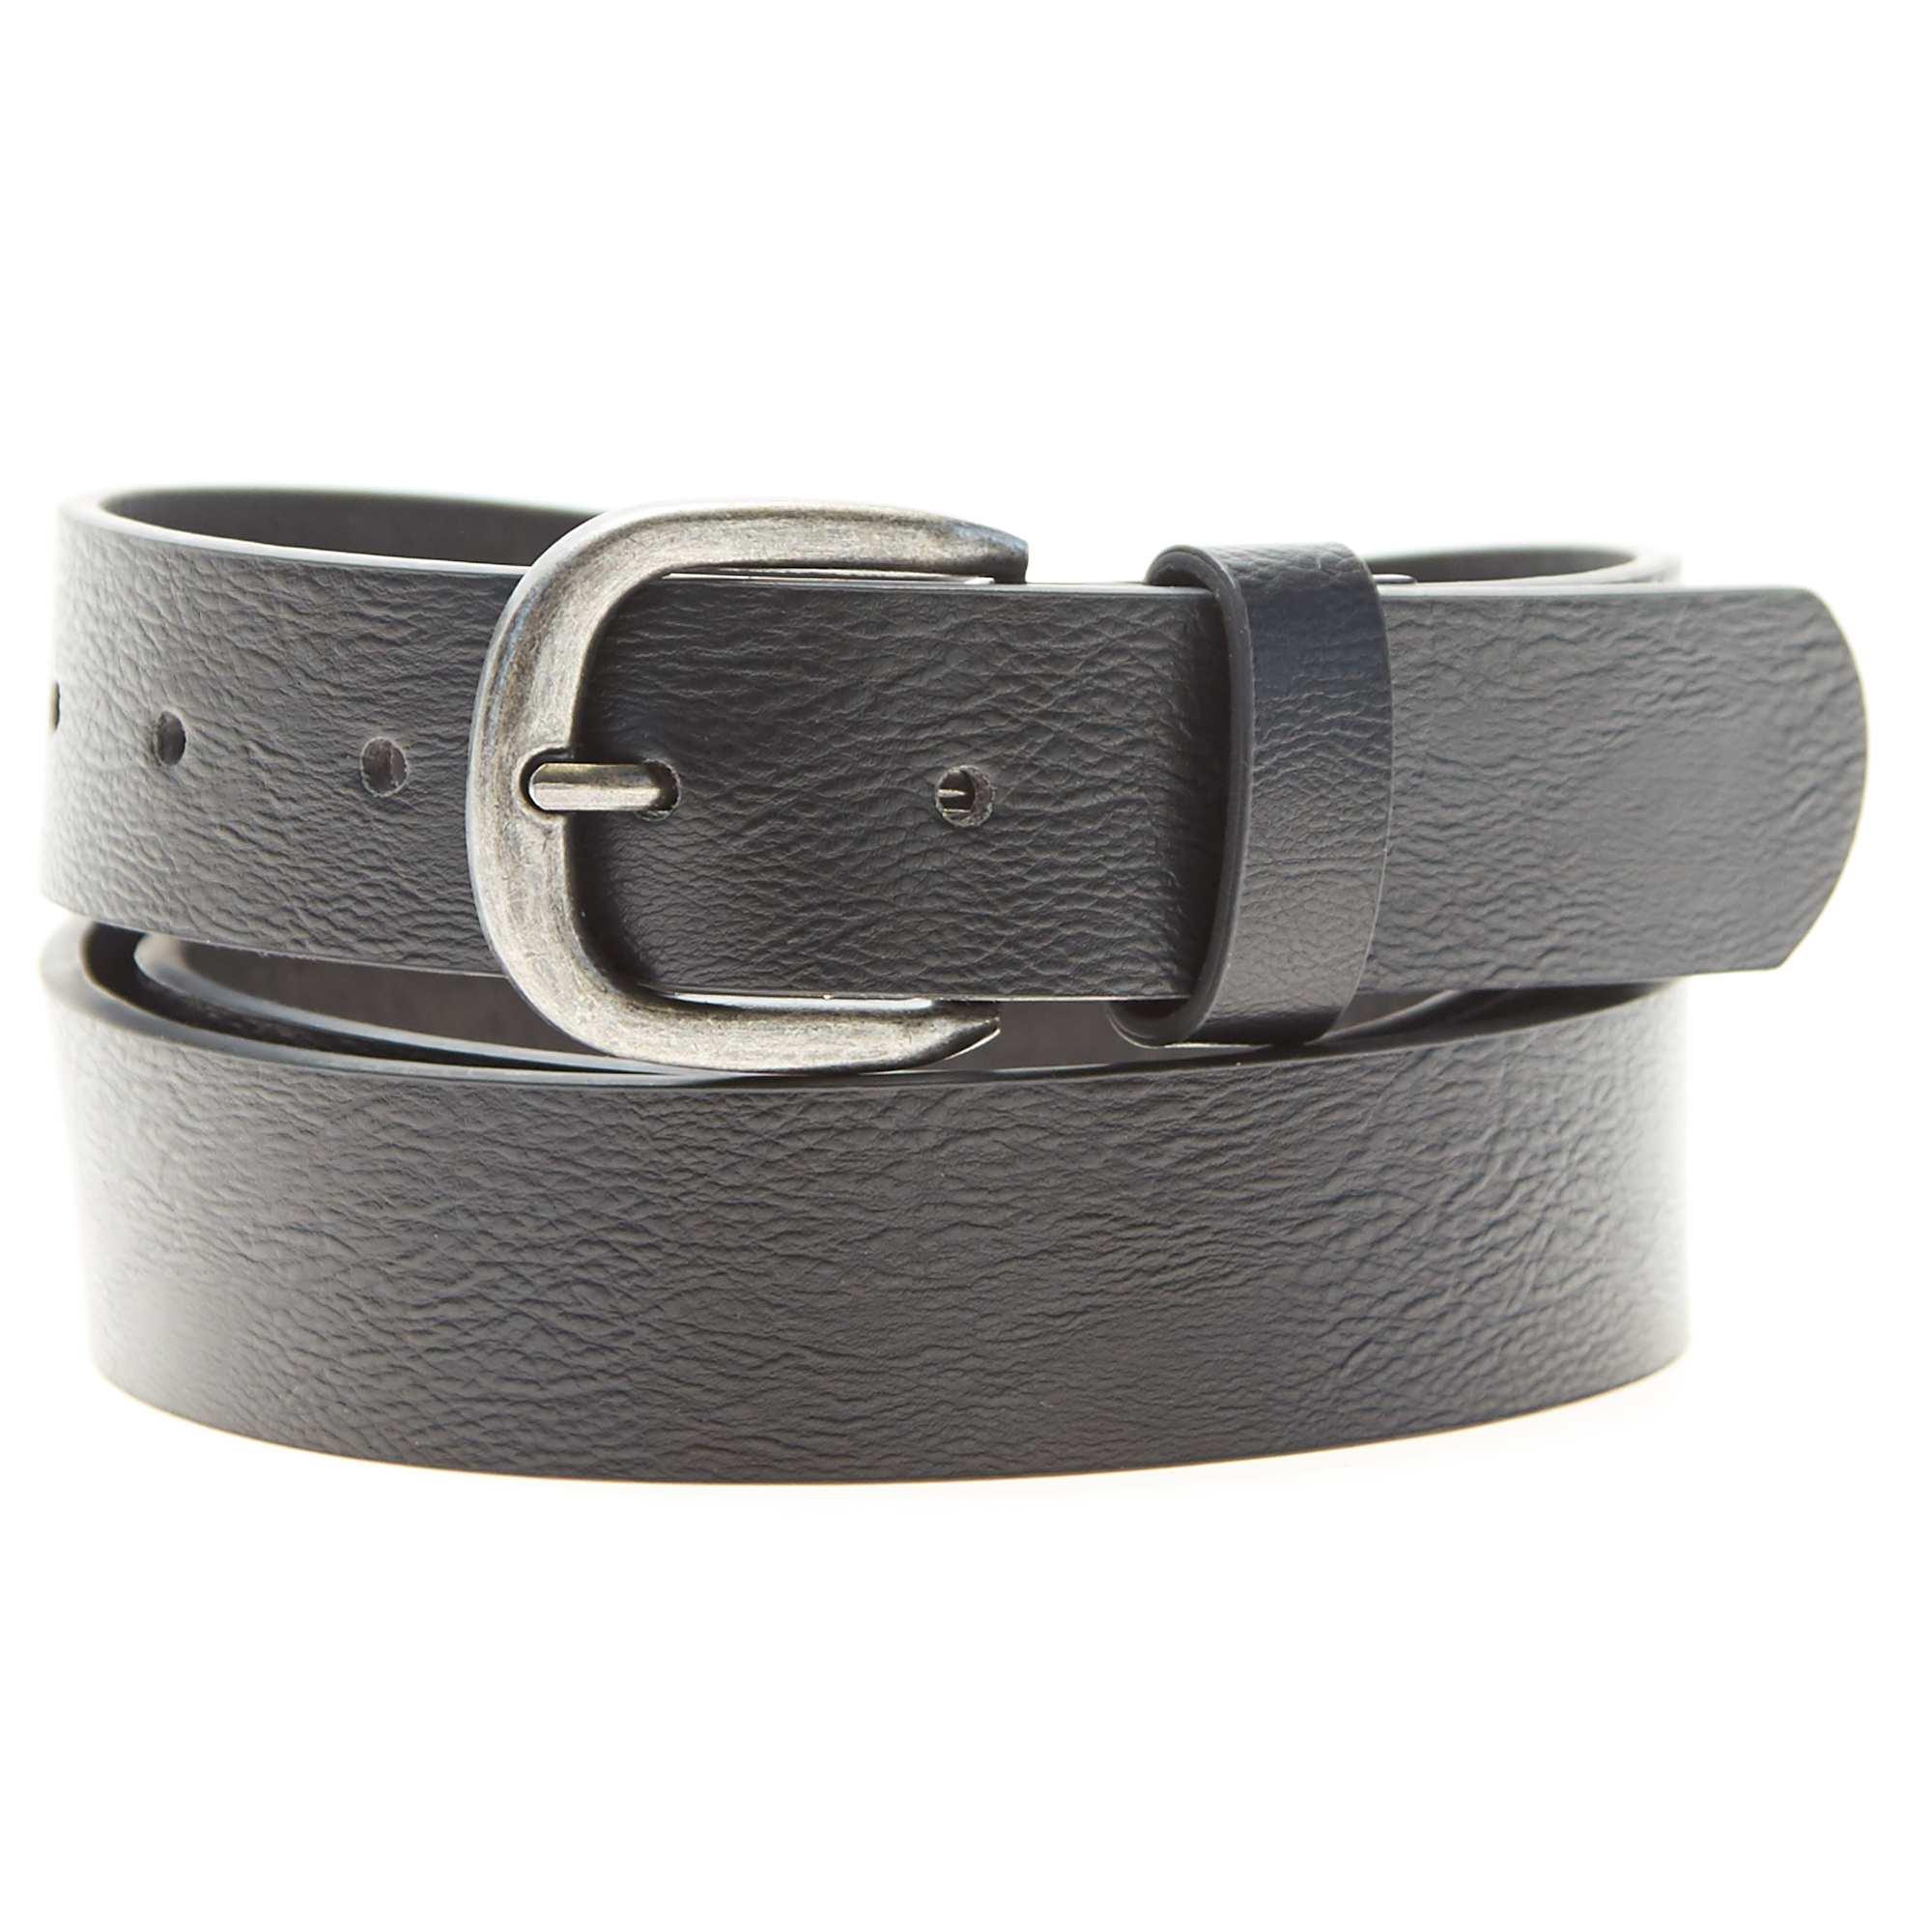 bc862ab98e7 Cinturón liso de piel sintética negro Tallas grandes hombre. Loading zoom